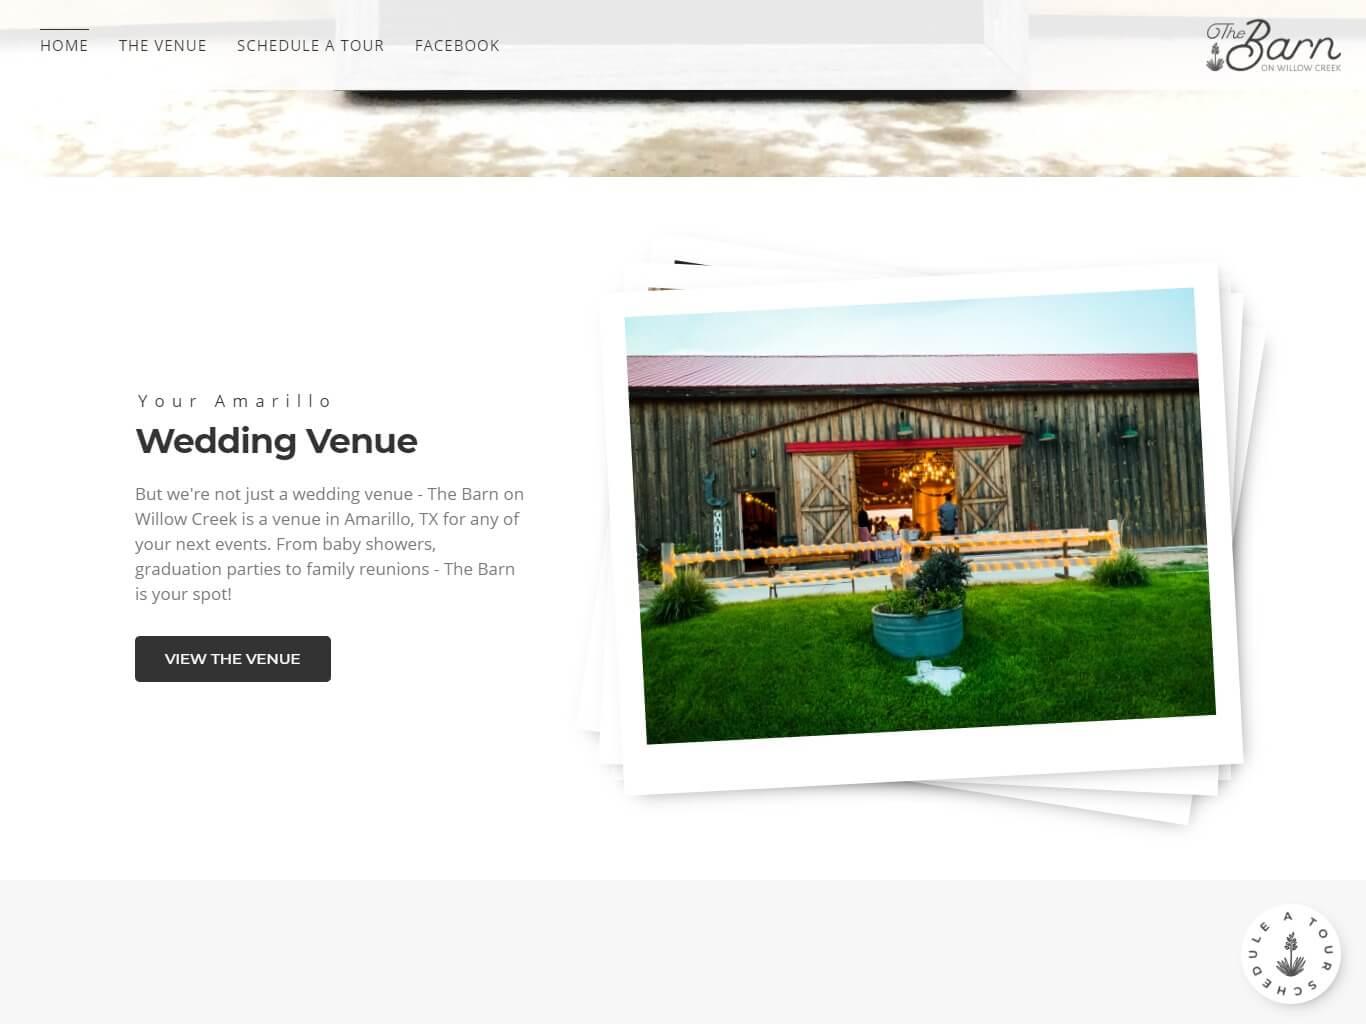 The Barn on Willow Creek intro screenshot